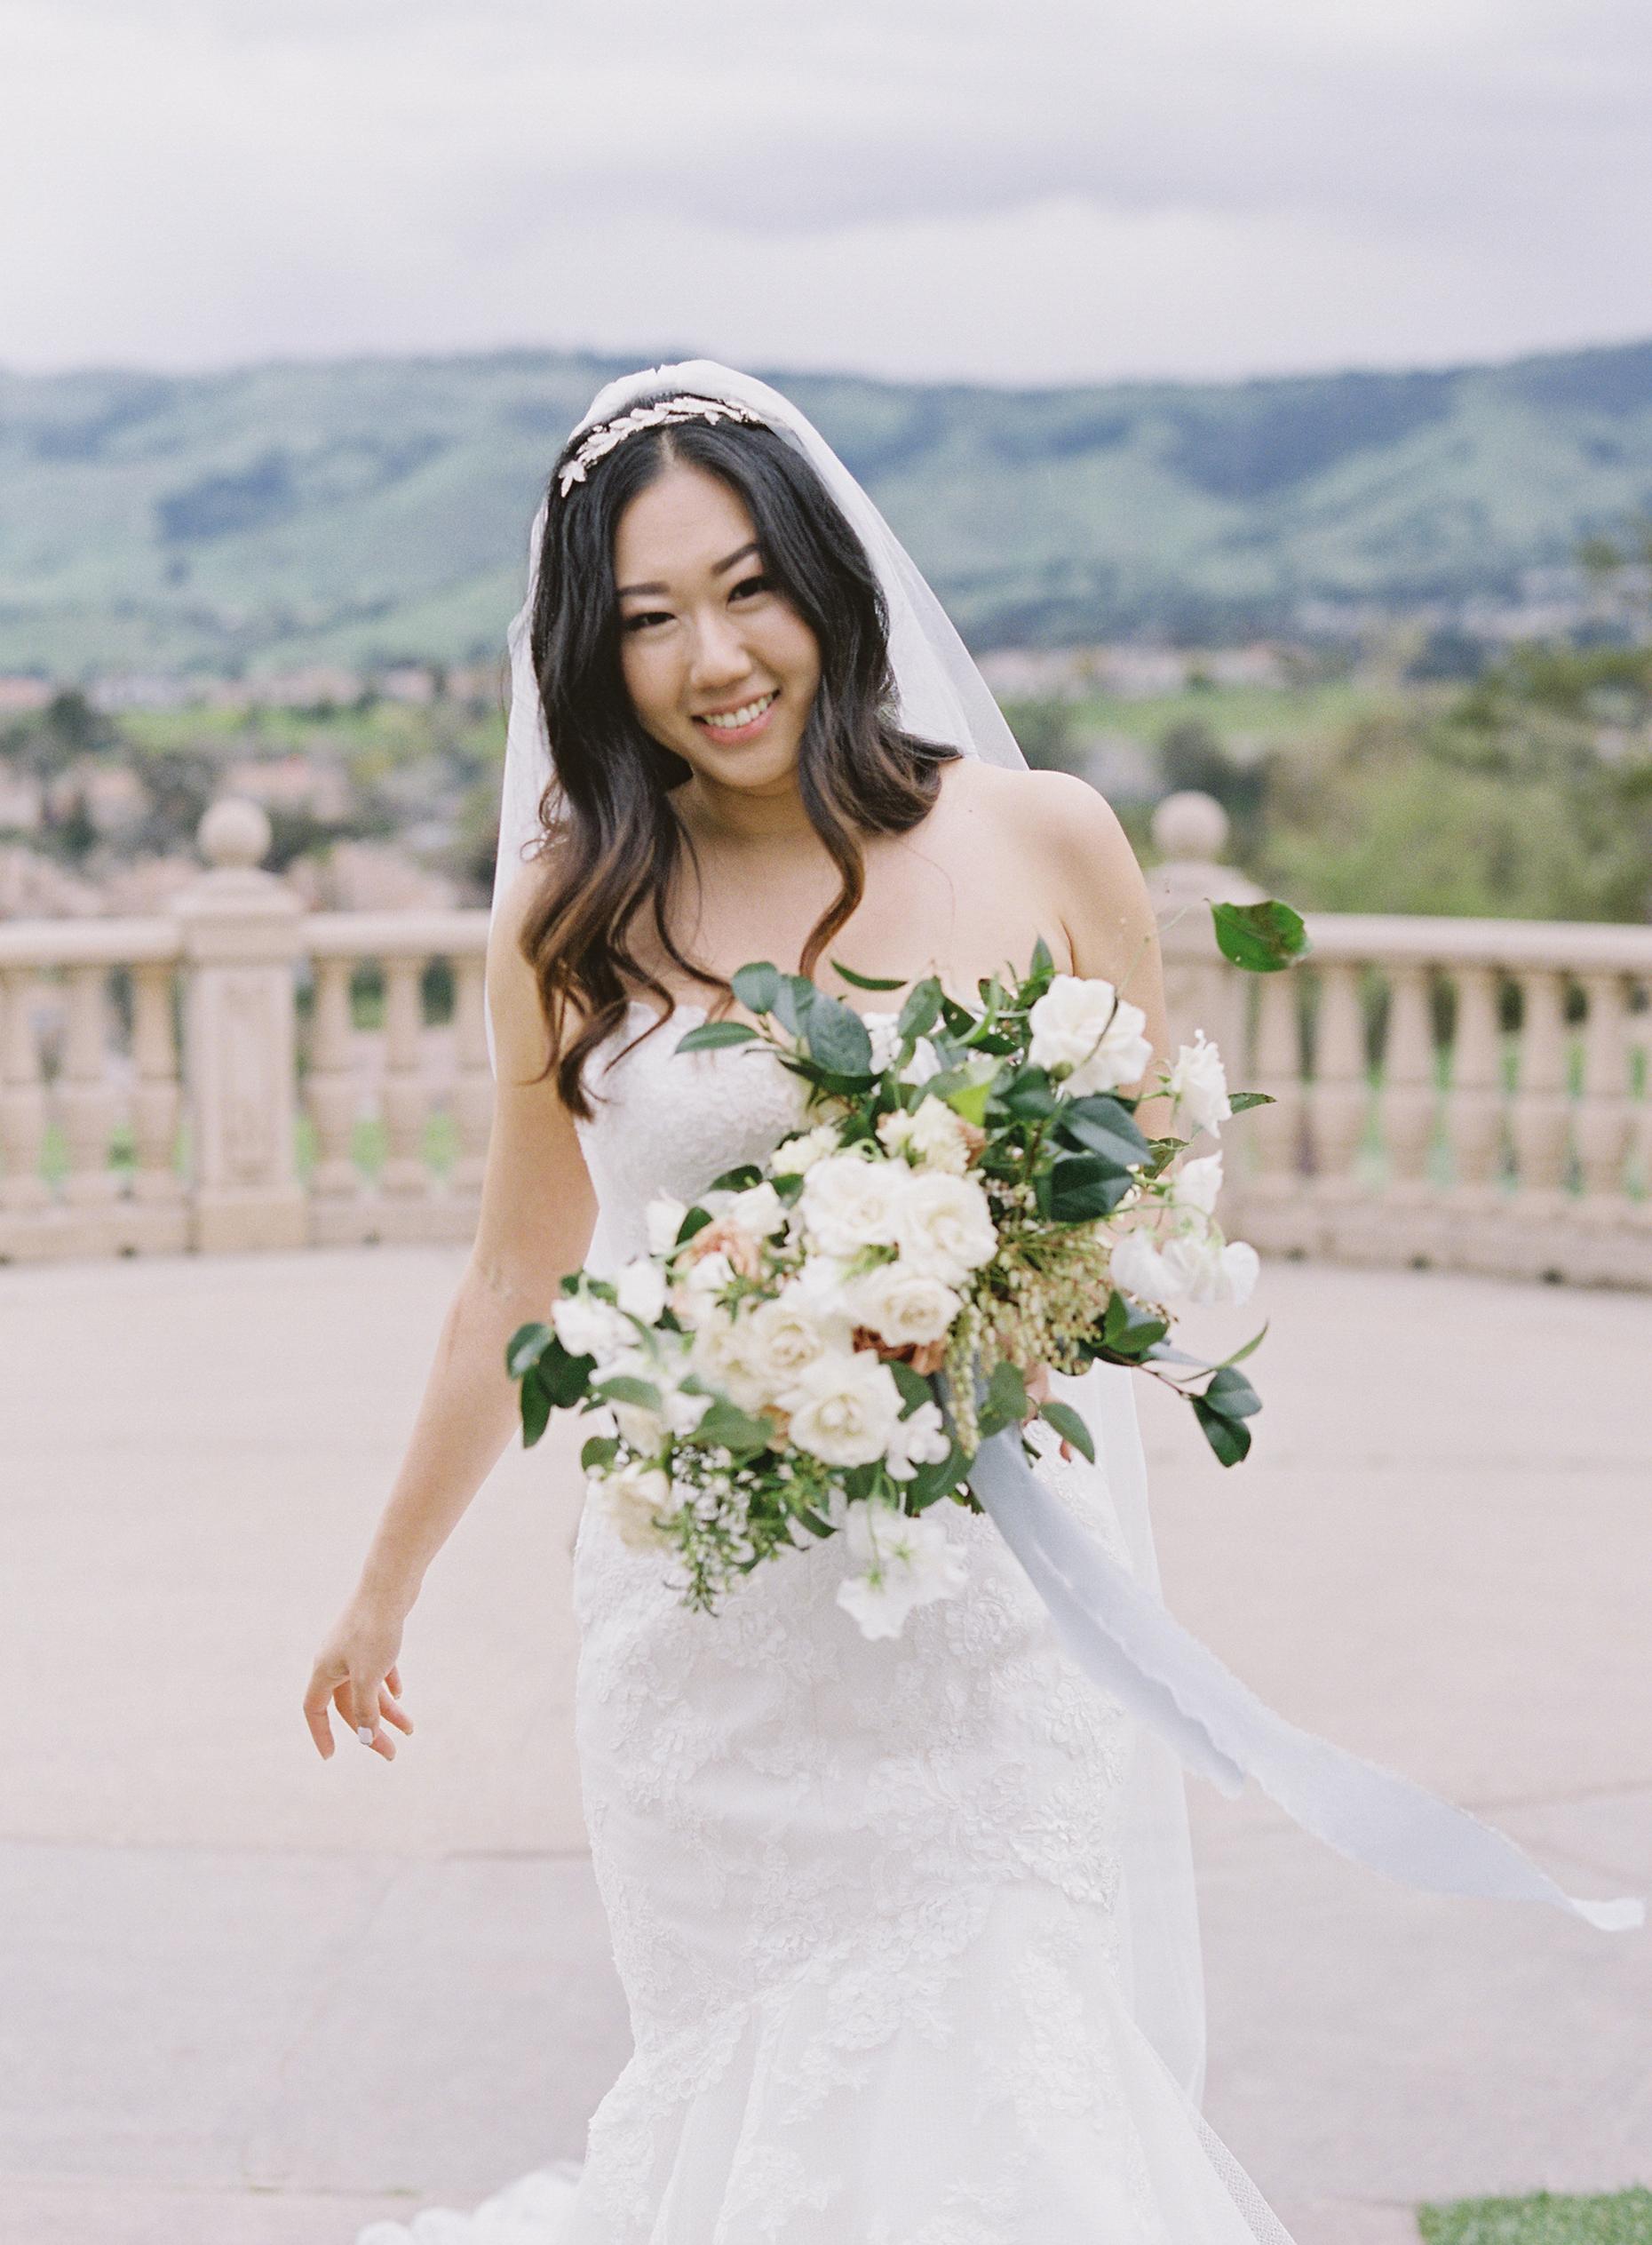 bride_groom160.jpg